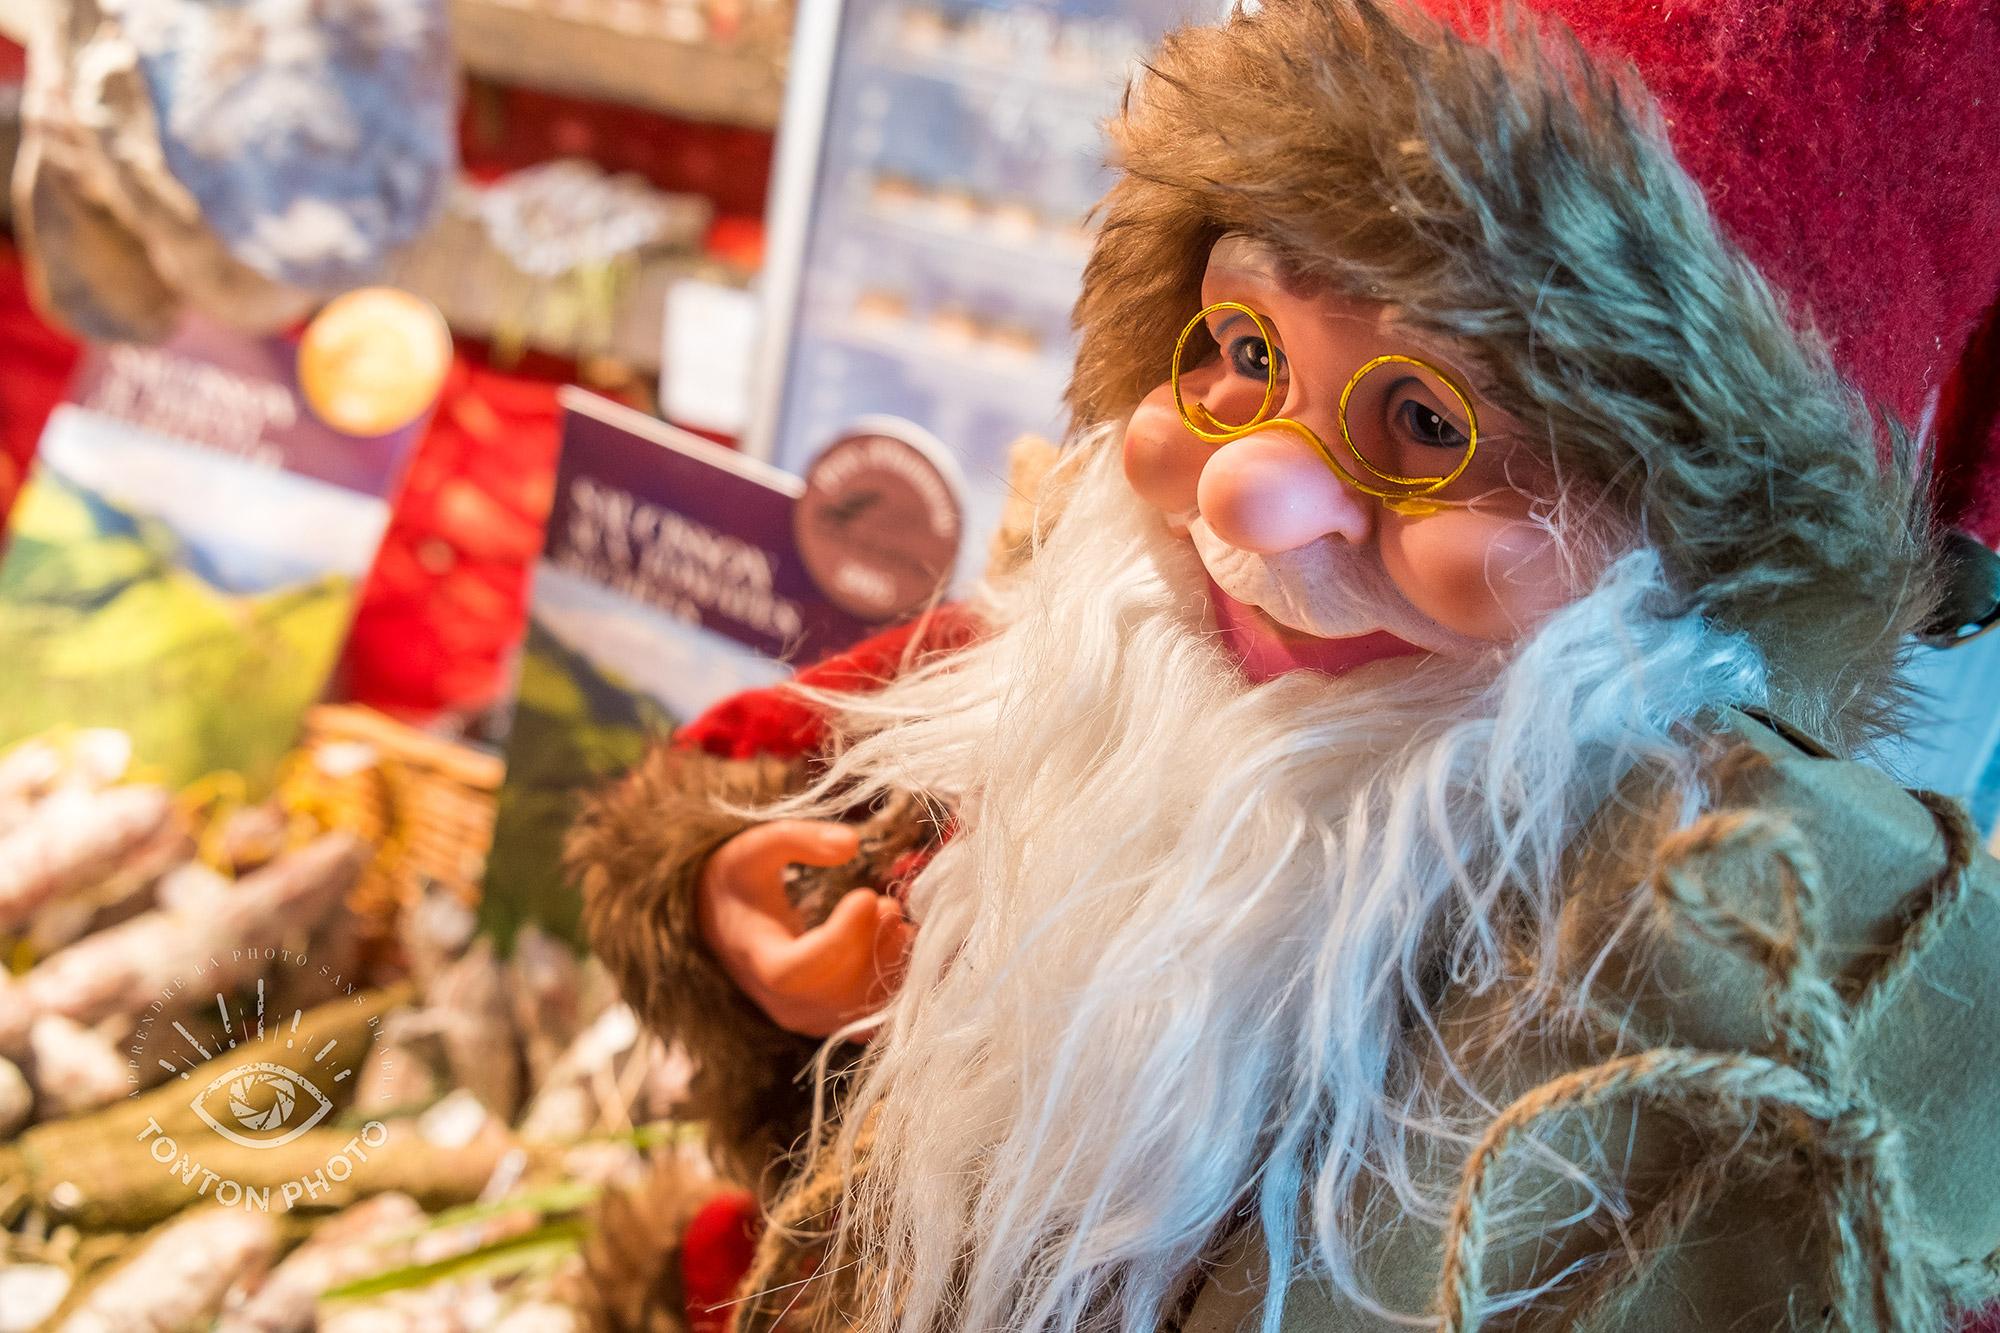 Un Père Noël gourmand | Comment photographier pendant Noël et les fêtes de fin d'année ? © Clément Racineux / Tonton Photo